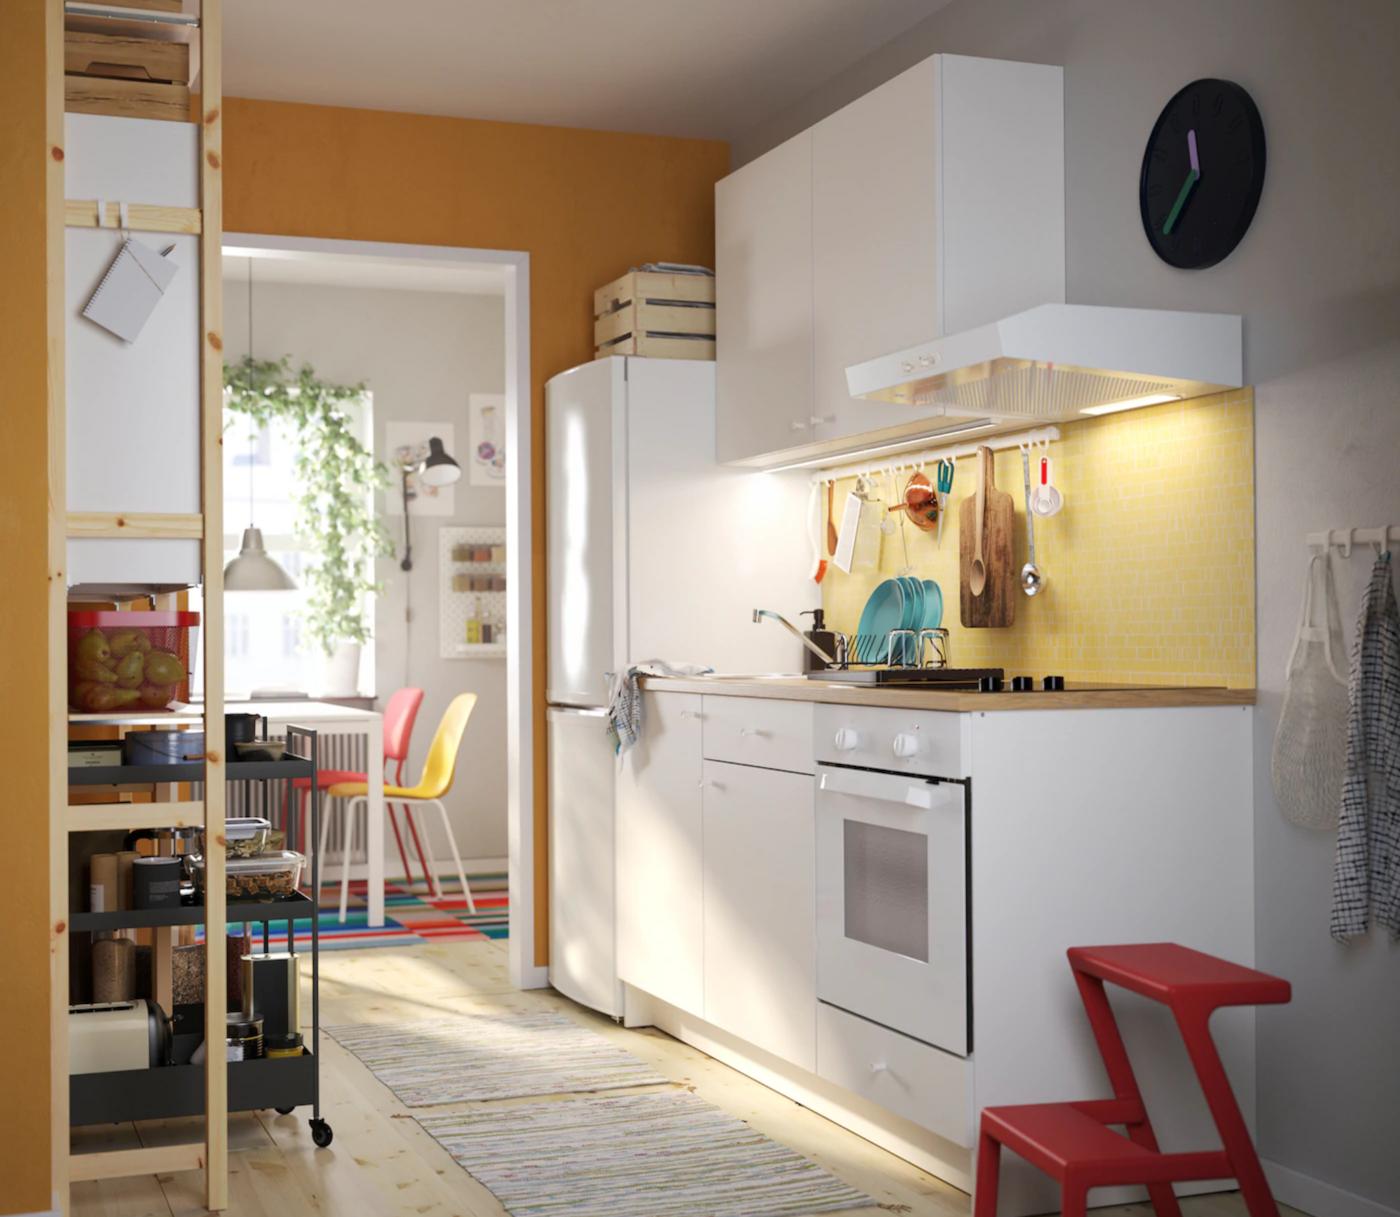 Praktična kuhinja za zajednički dom